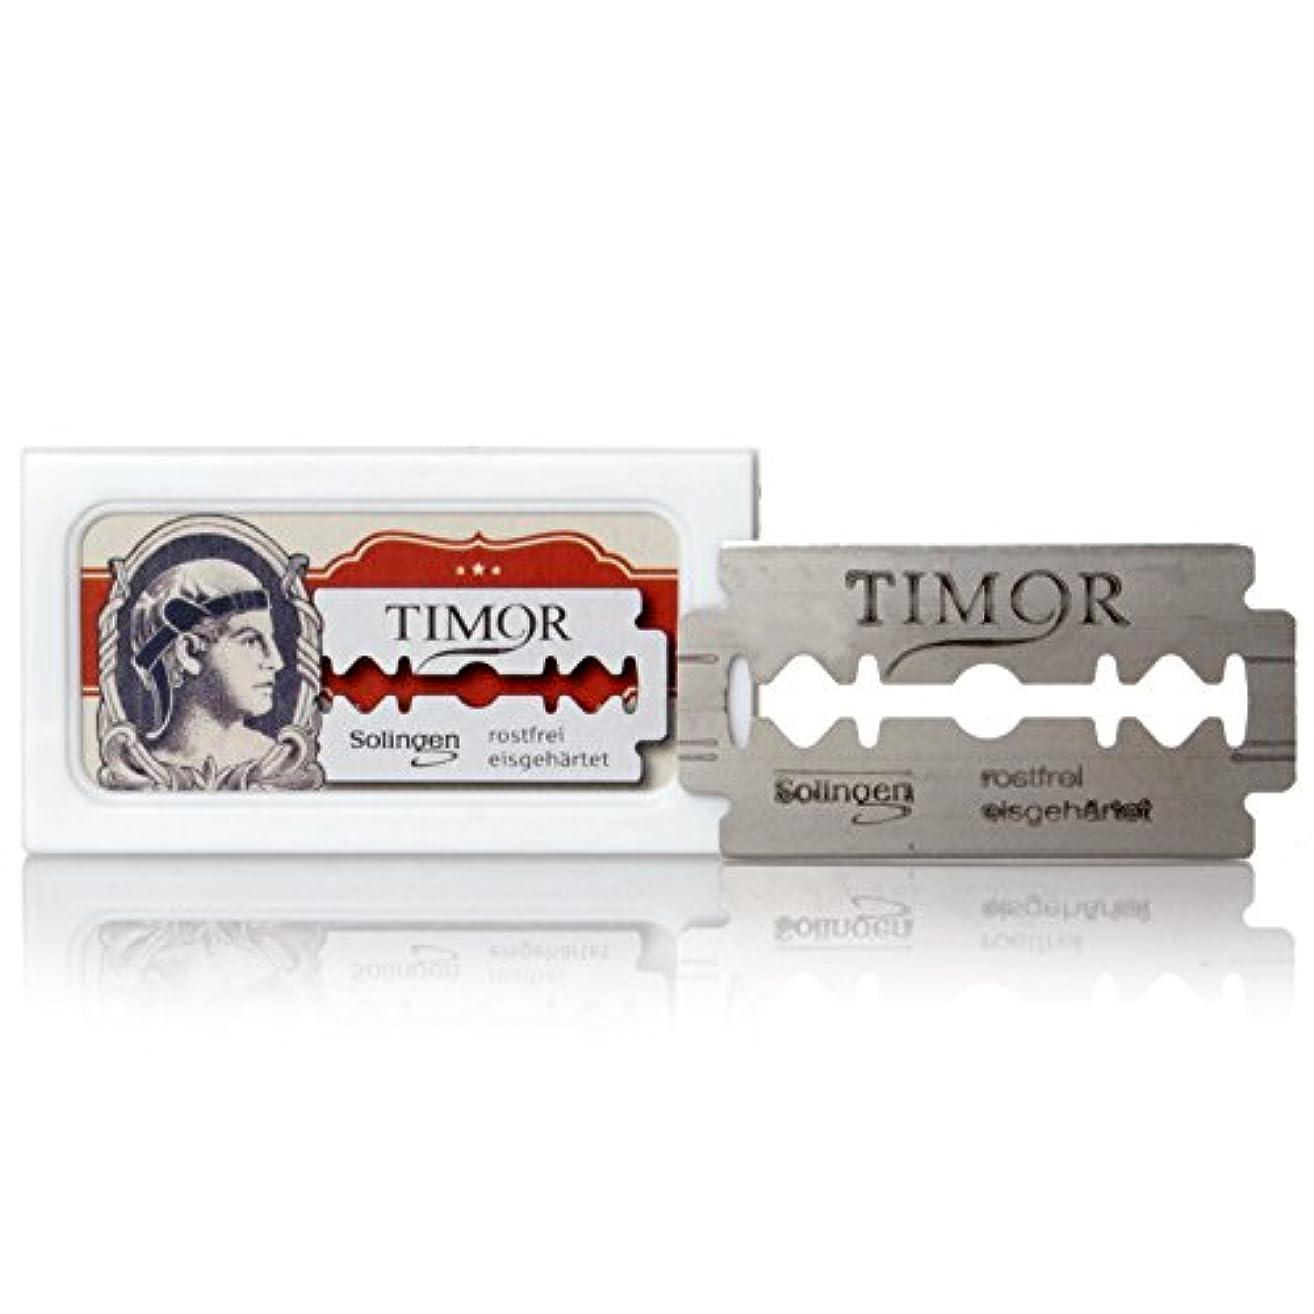 Timor - razor blades, stainless, 10 pieces